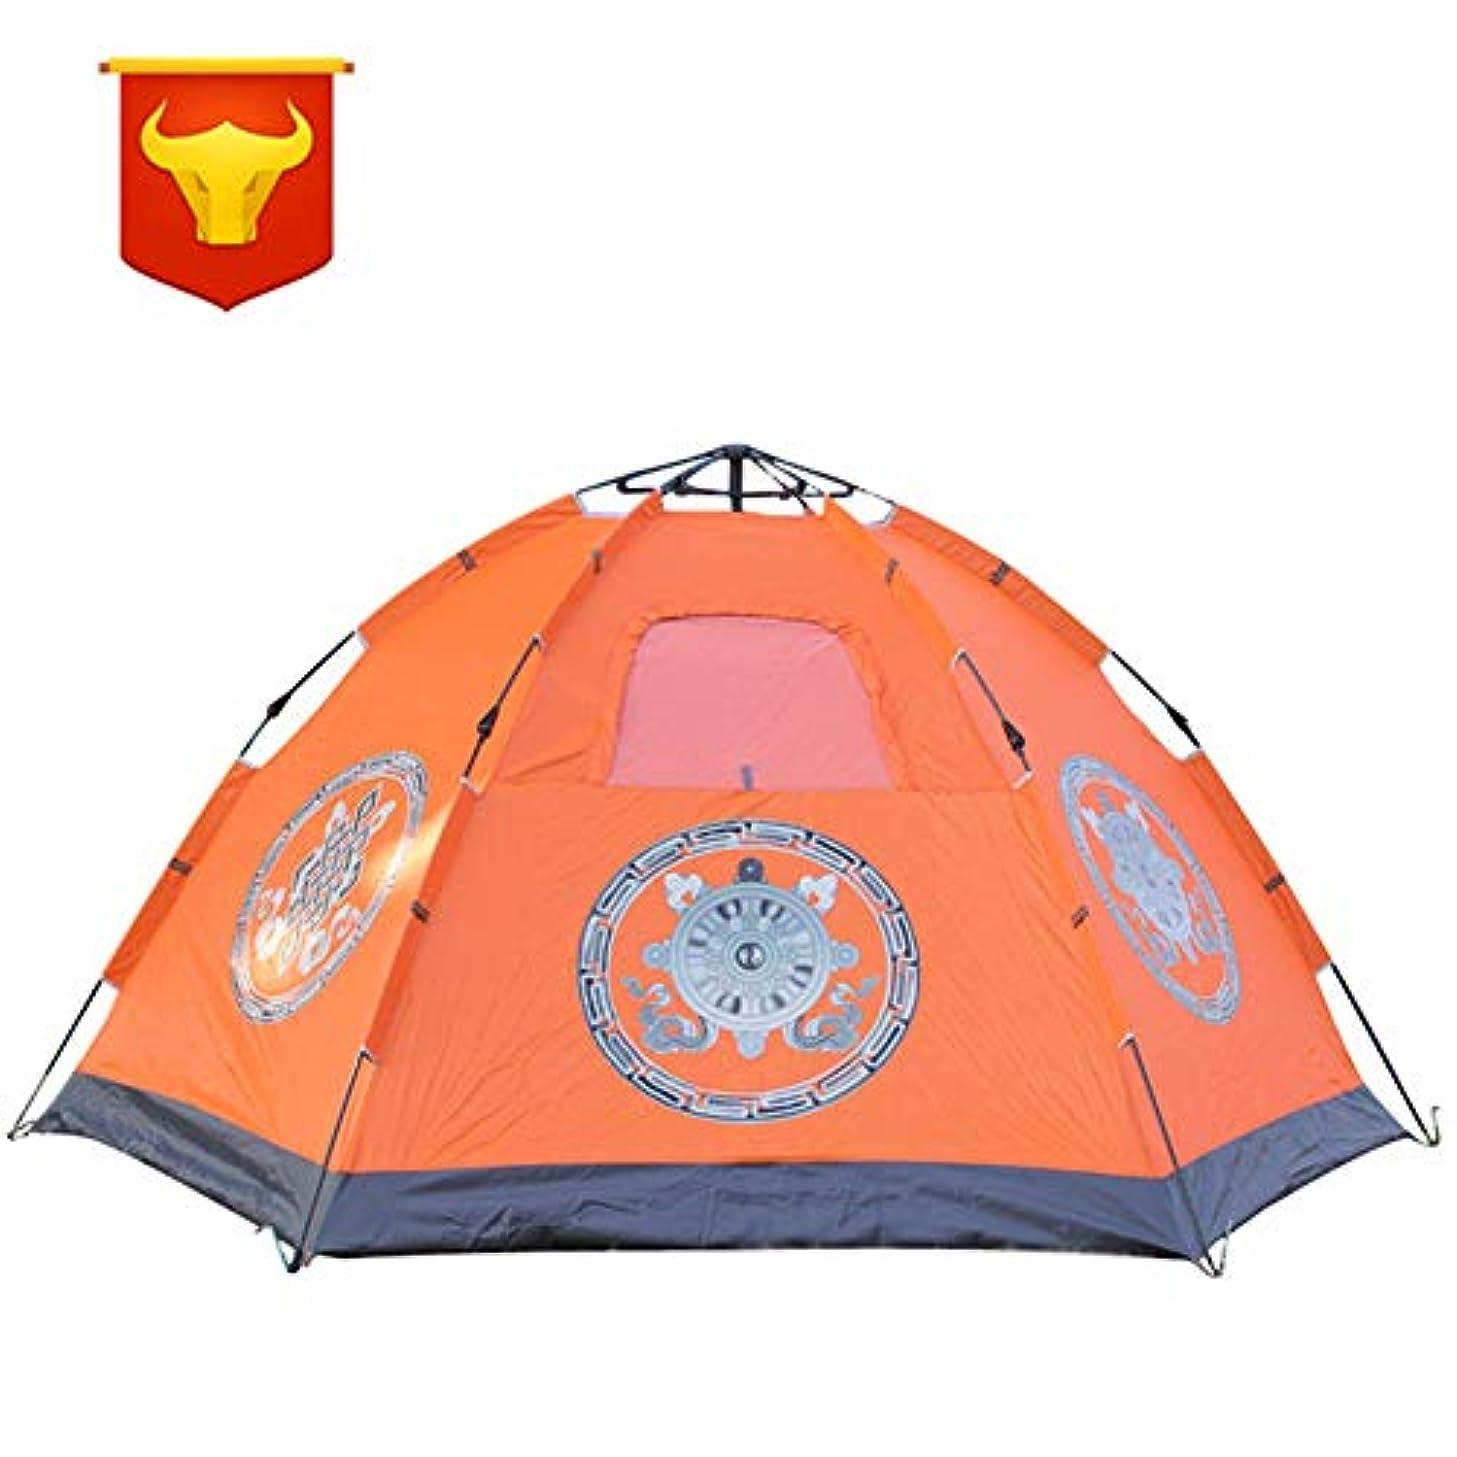 ヒギンズ想定パット4-6人の自動キャンプのテント/国民の風8宝の地図のパオ店/屋外のキャンプのキャンプ用品